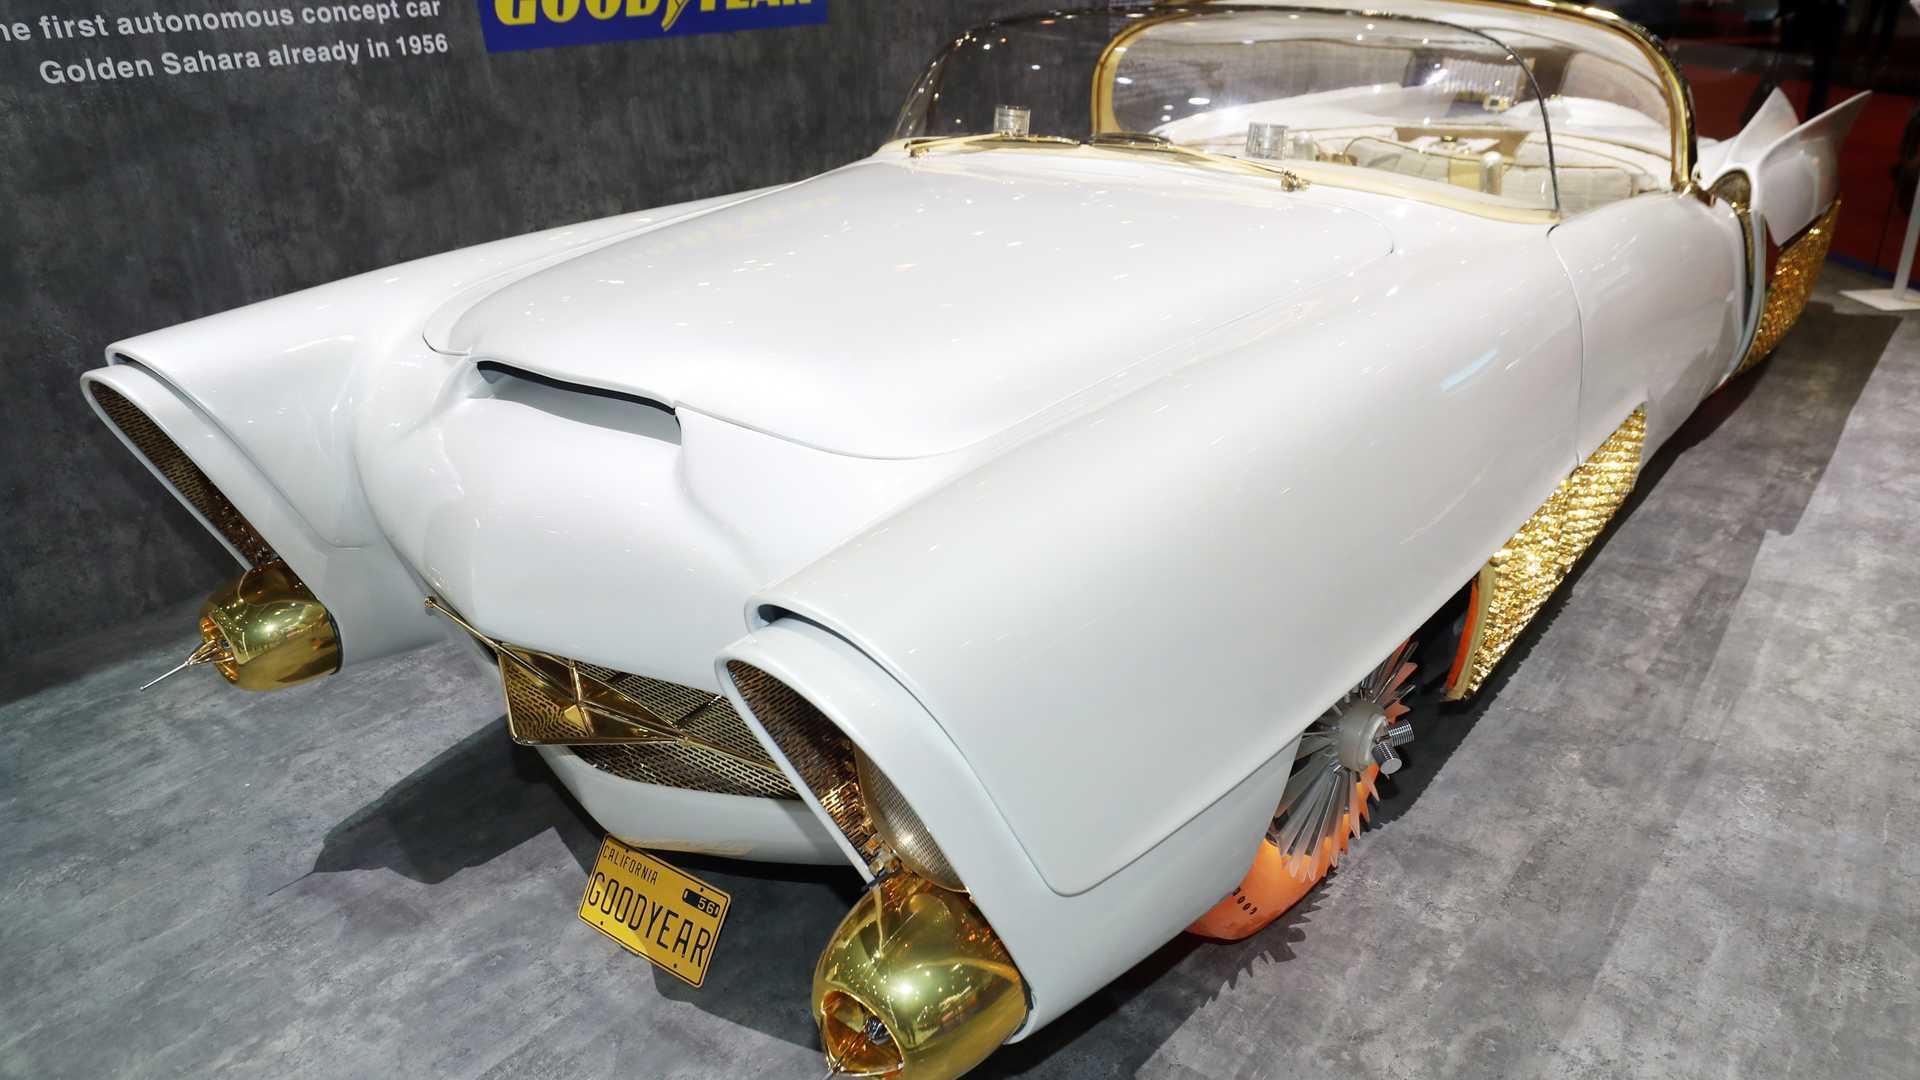 Xe cổ điển mạ vàng có lốp phát sáng kỳ lạ